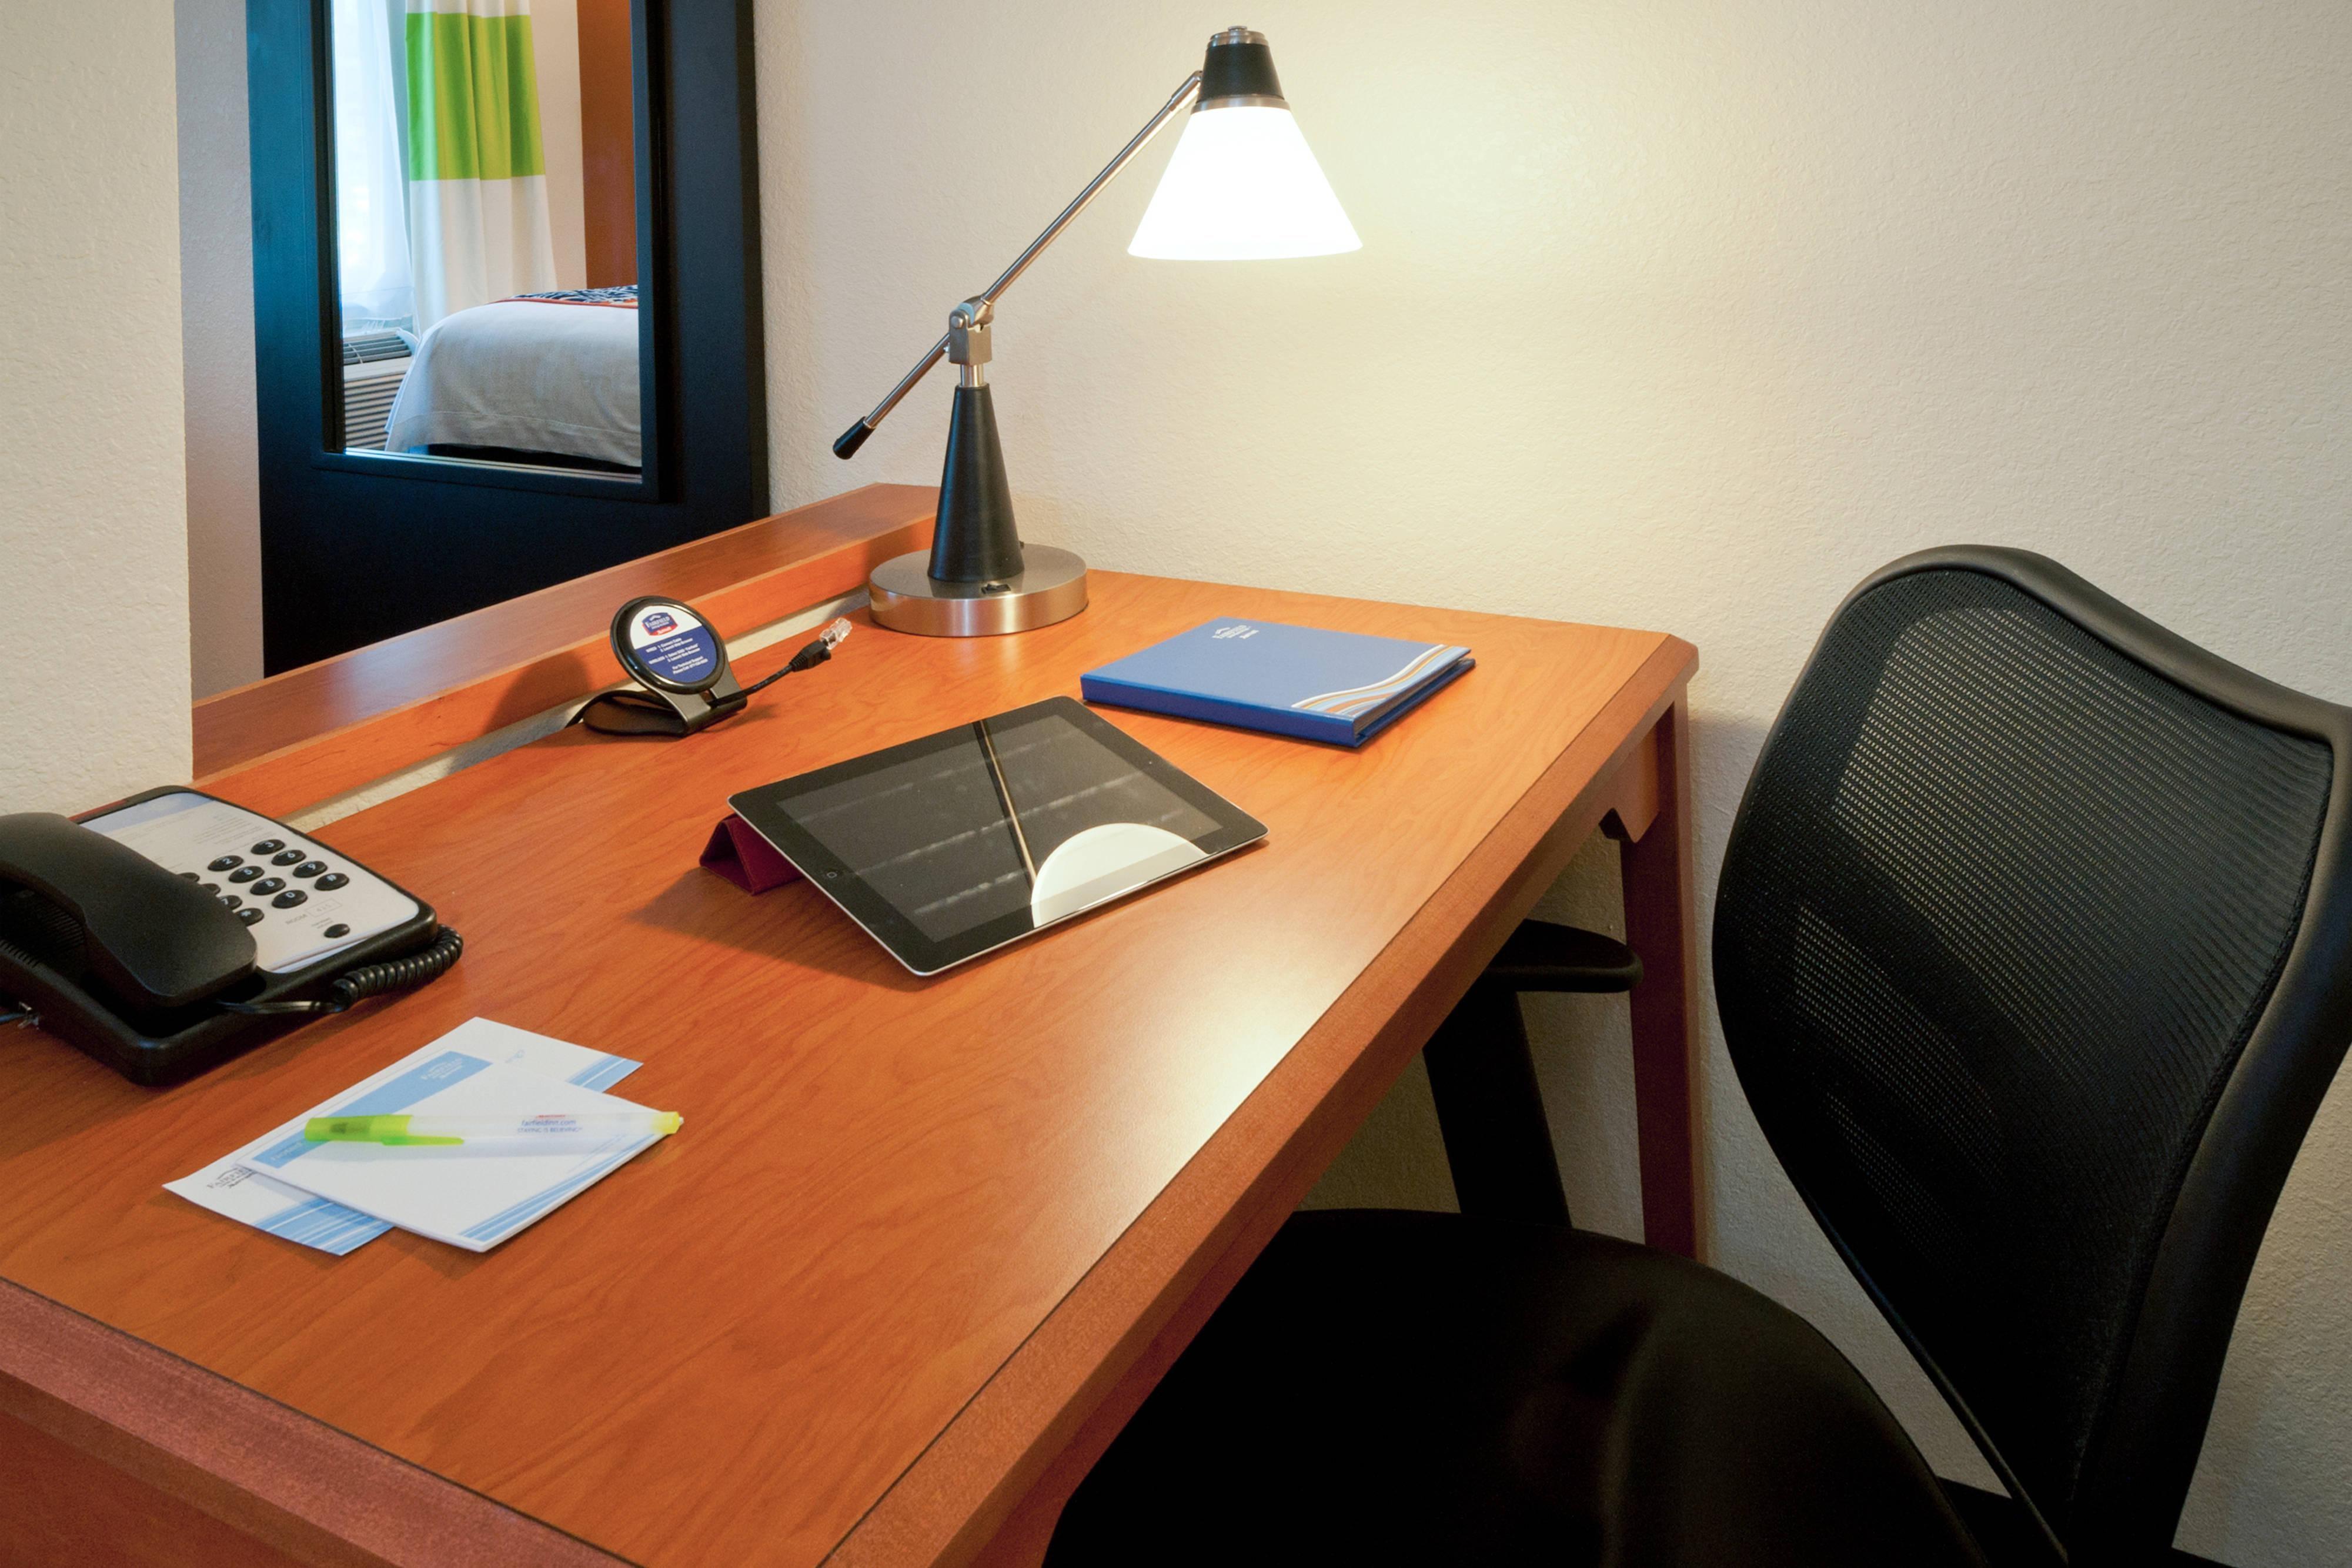 Work Desk - Tallahassee, FL hotel